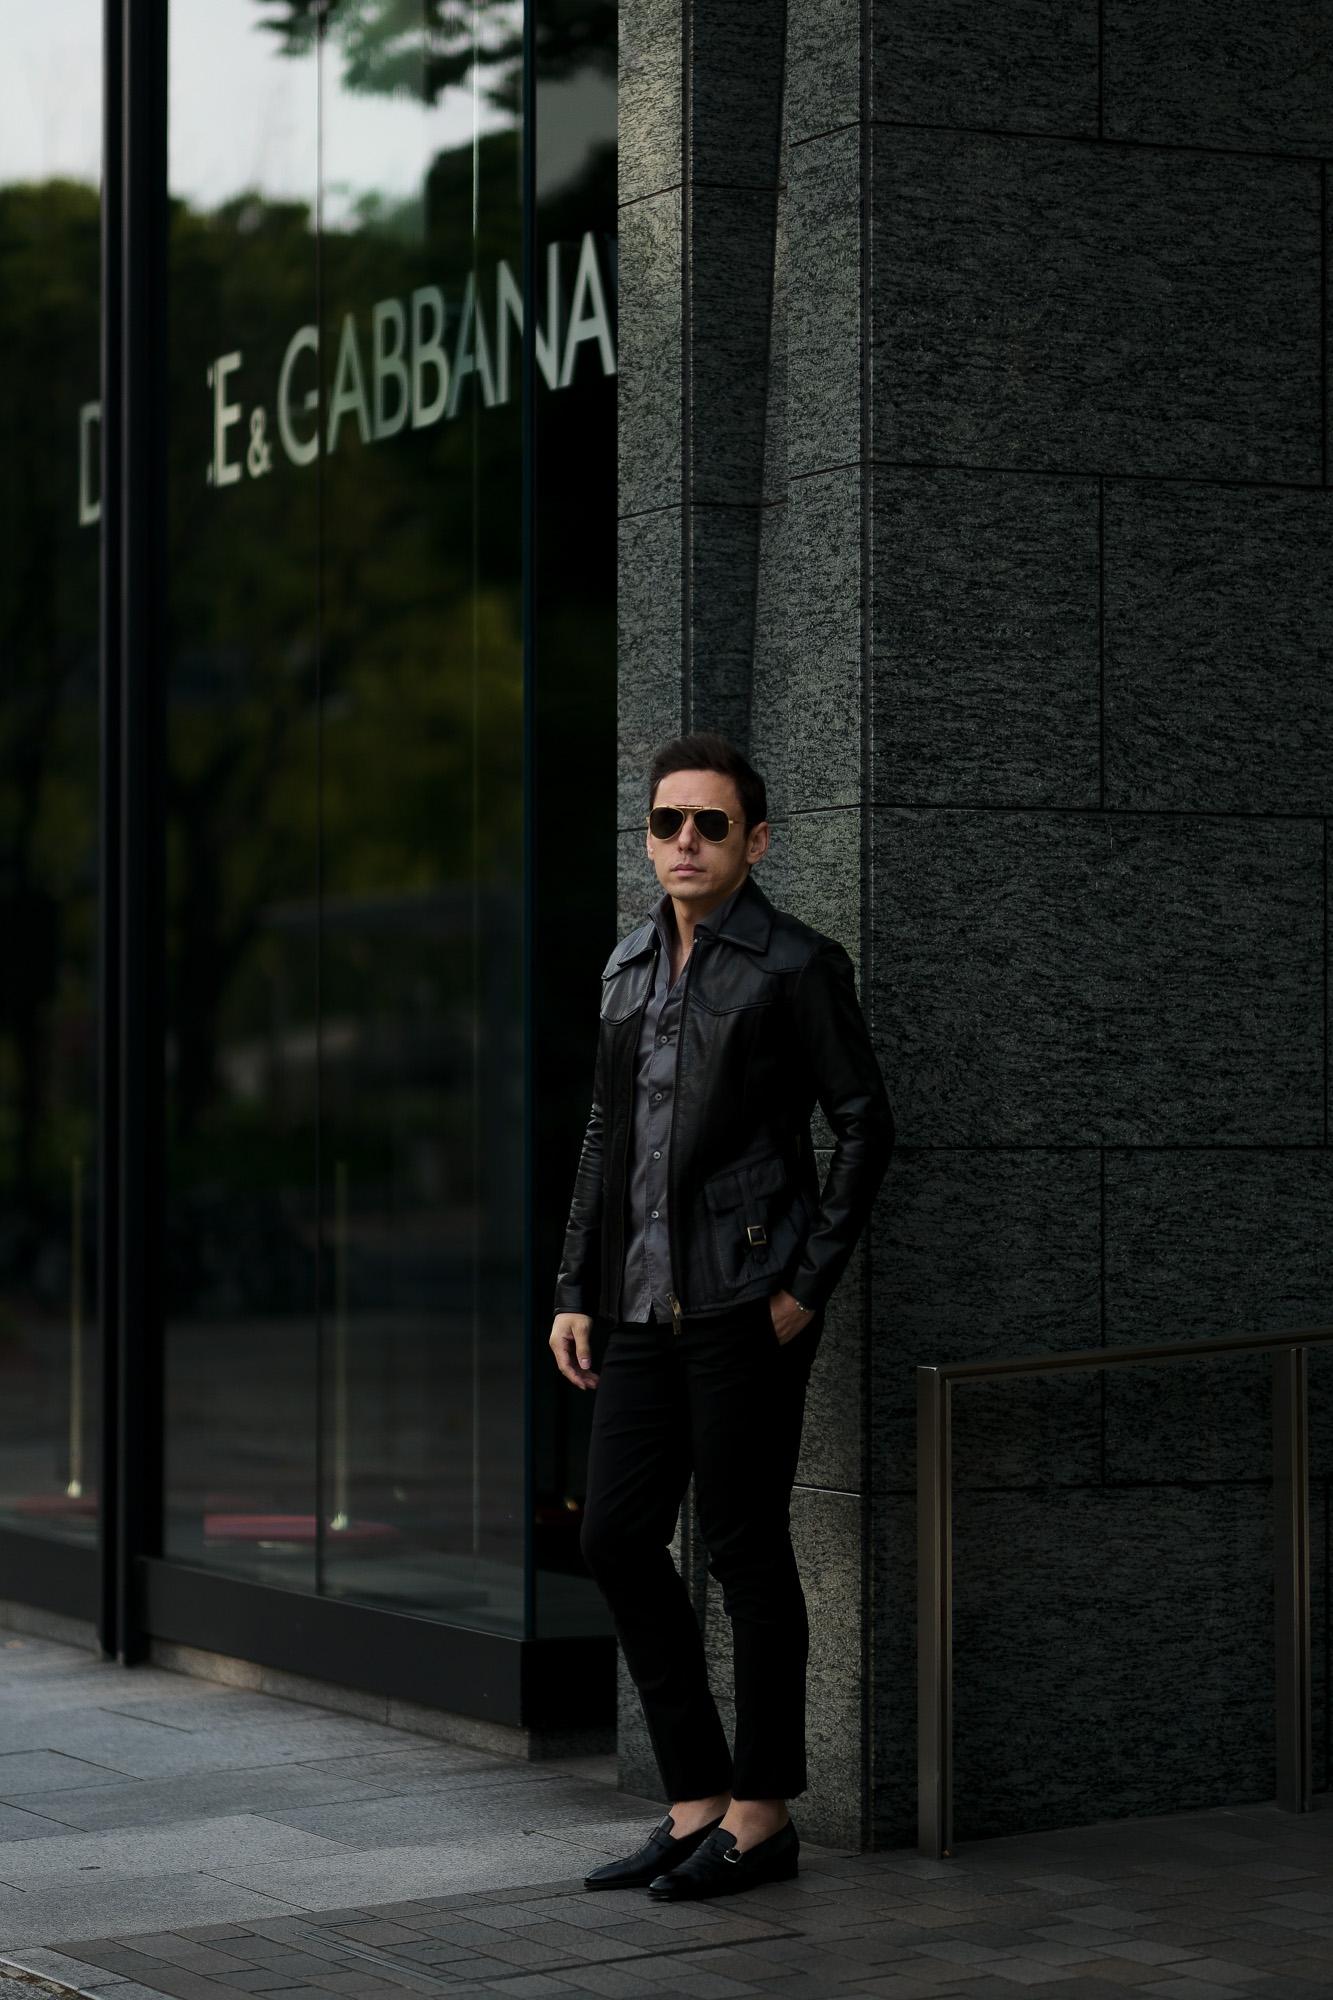 cuervo bopoha (クエルボ ヴァローナ) Satisfaction Leather Collection (サティスファクション レザー コレクション) East West(イーストウエスト)  SMOKE(スモーク) BUFFALO LEATHER (バッファロー レザー) レザージャケット BLACK(ブラック) MADE IN JAPAN (日本製) 2020 春夏新作 愛知 名古屋 altoediritto アルトエデリット 洋服屋 レザージャケット サウスパラディソ eastwest